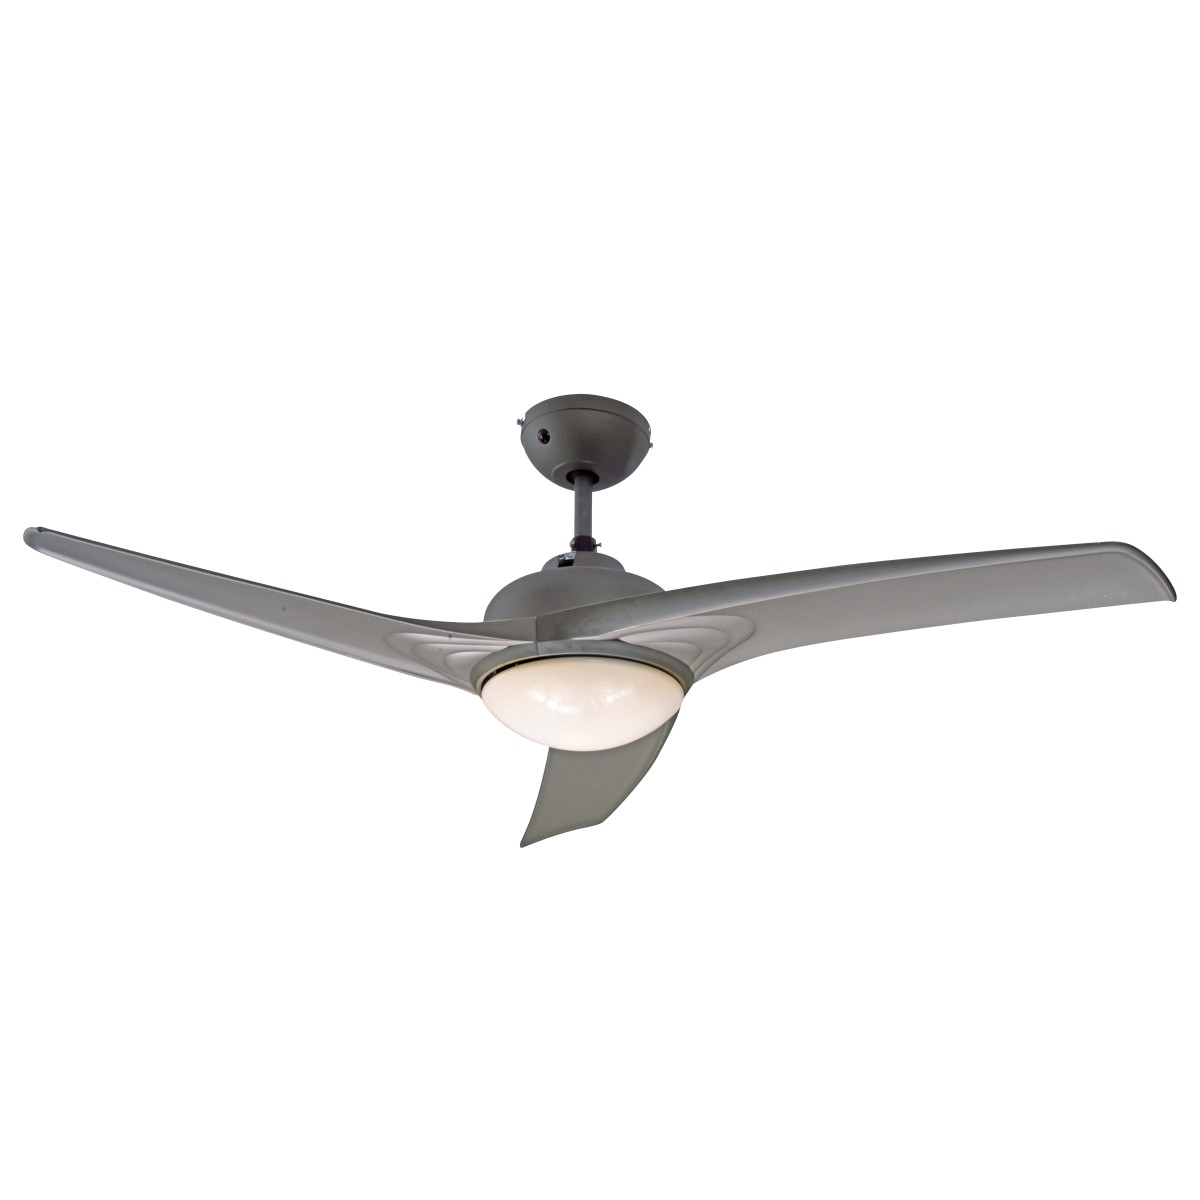 Miglior ventilatore pale soffitto prezzo offerte for Ventilatori leroy merlin